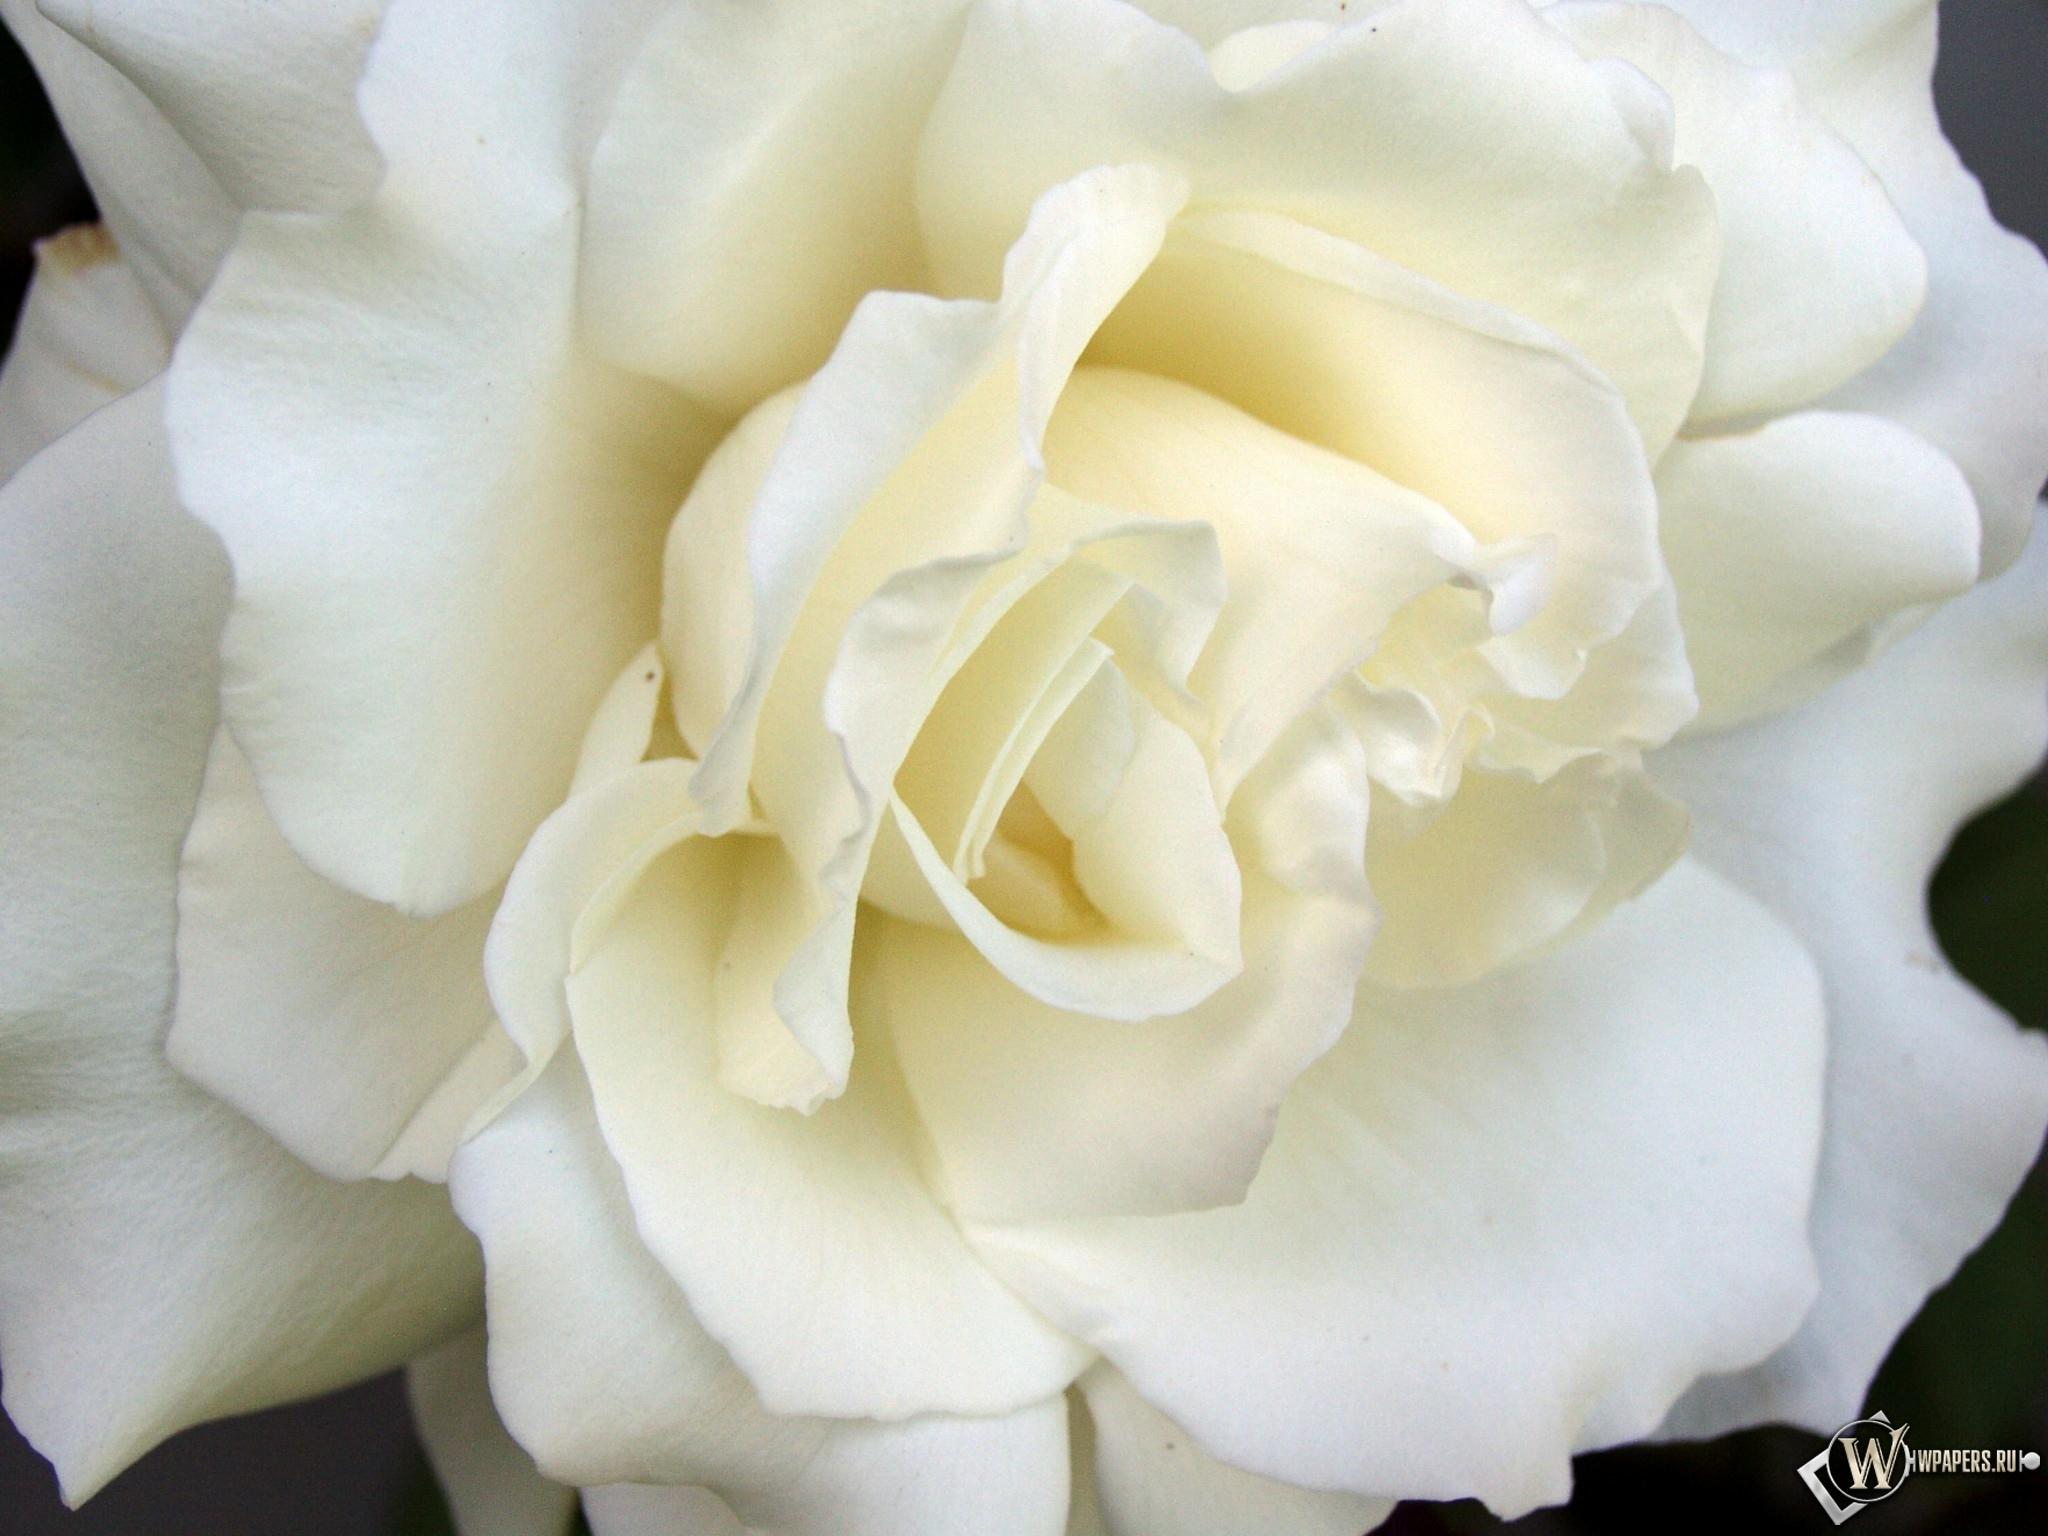 White Rose 2048x1536